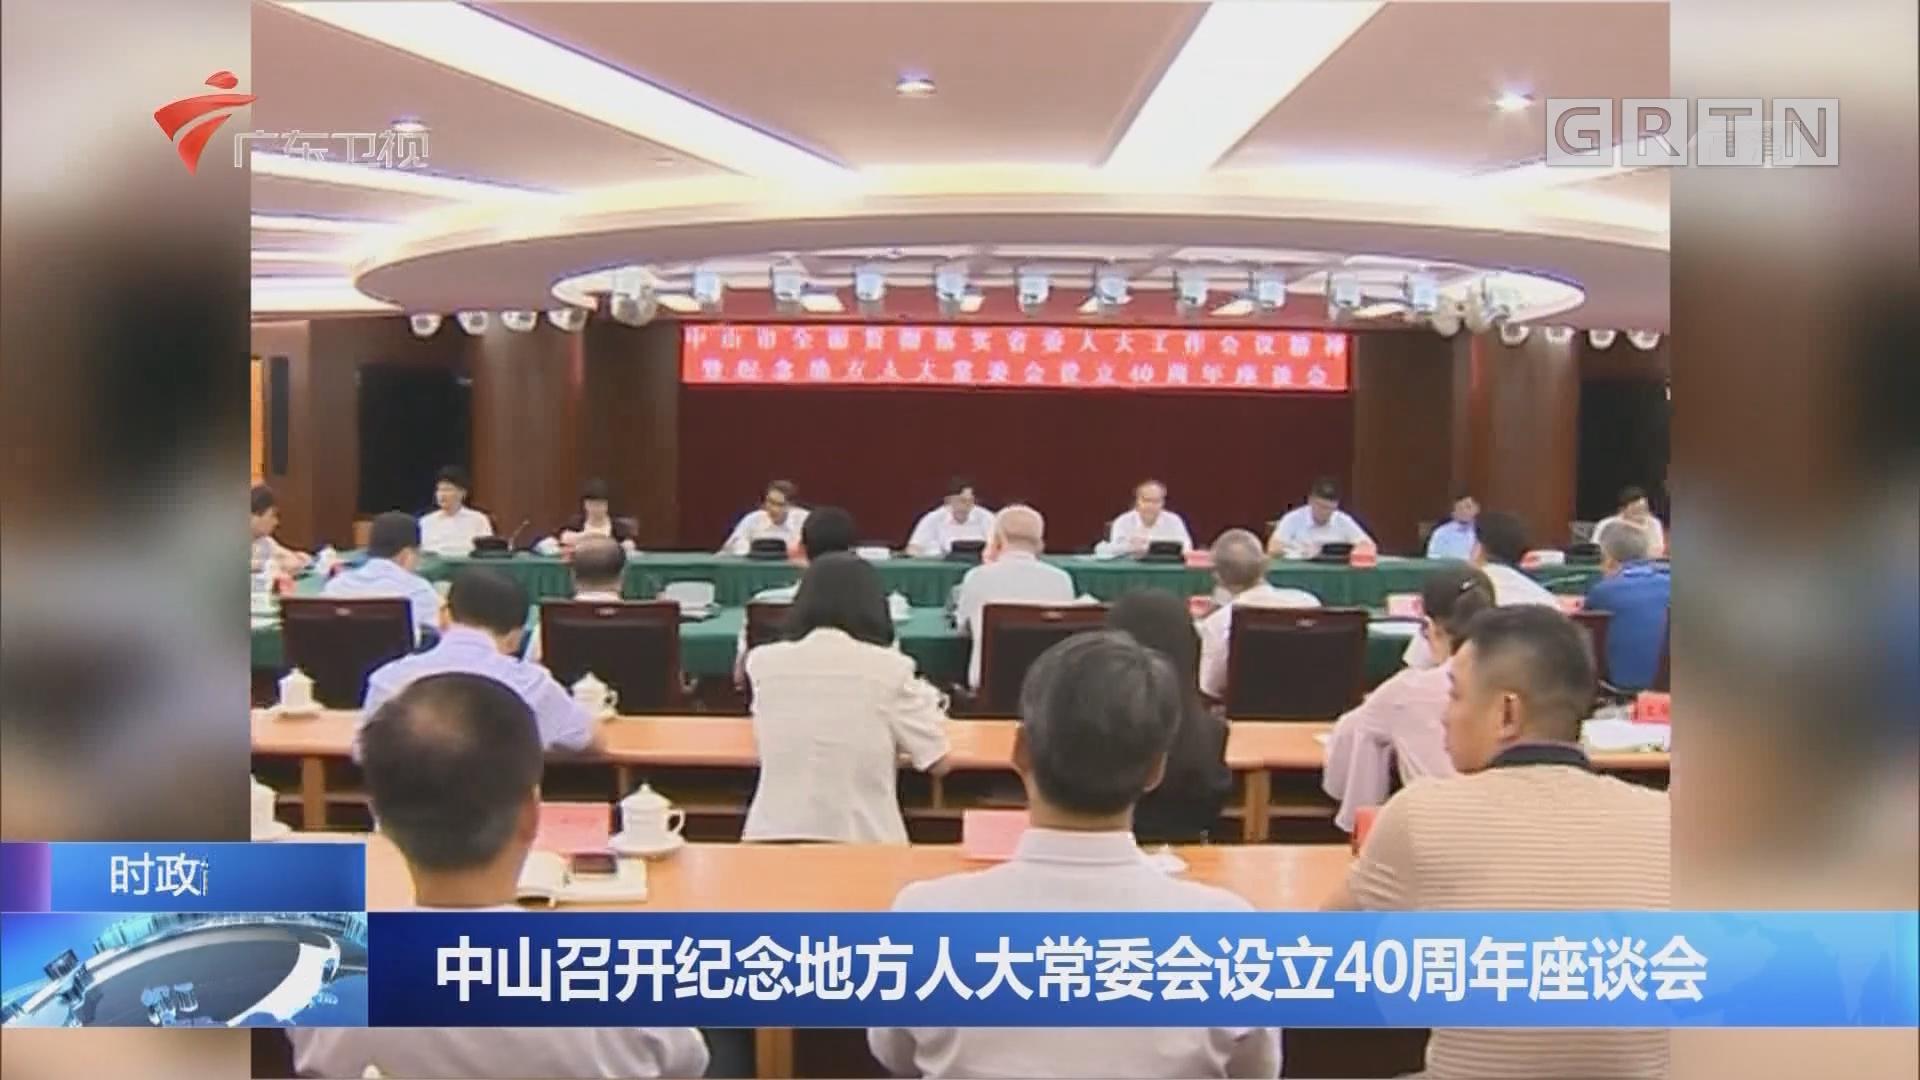 中山召开纪念地方人大常委会设立40周年座谈会